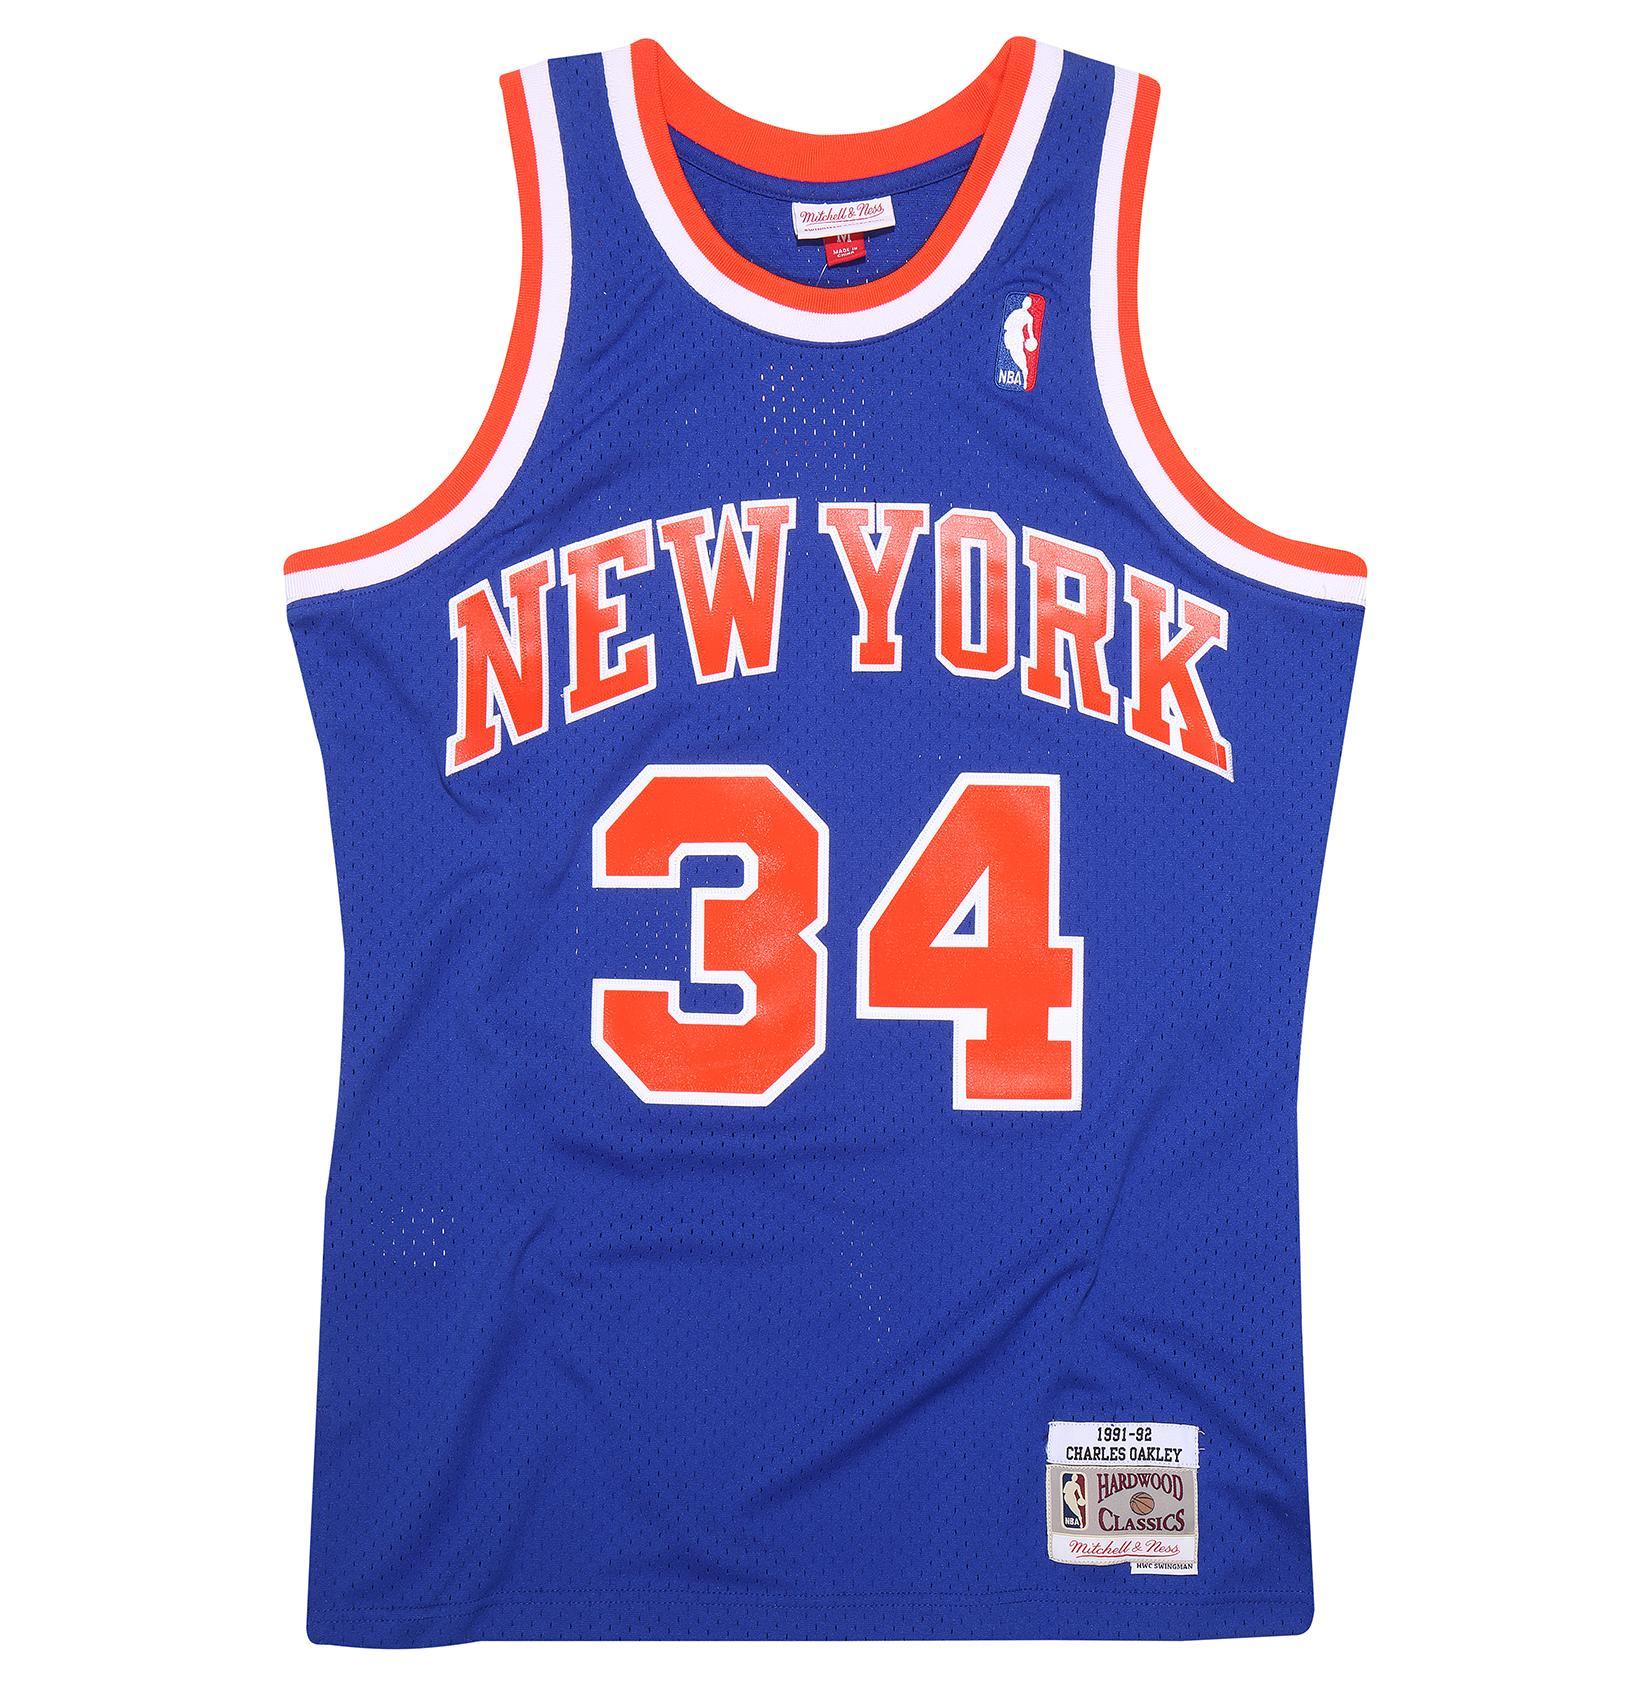 7c4091736f8 Charles Oakley 1991-92 Road Swingman Jersey New York Knicks